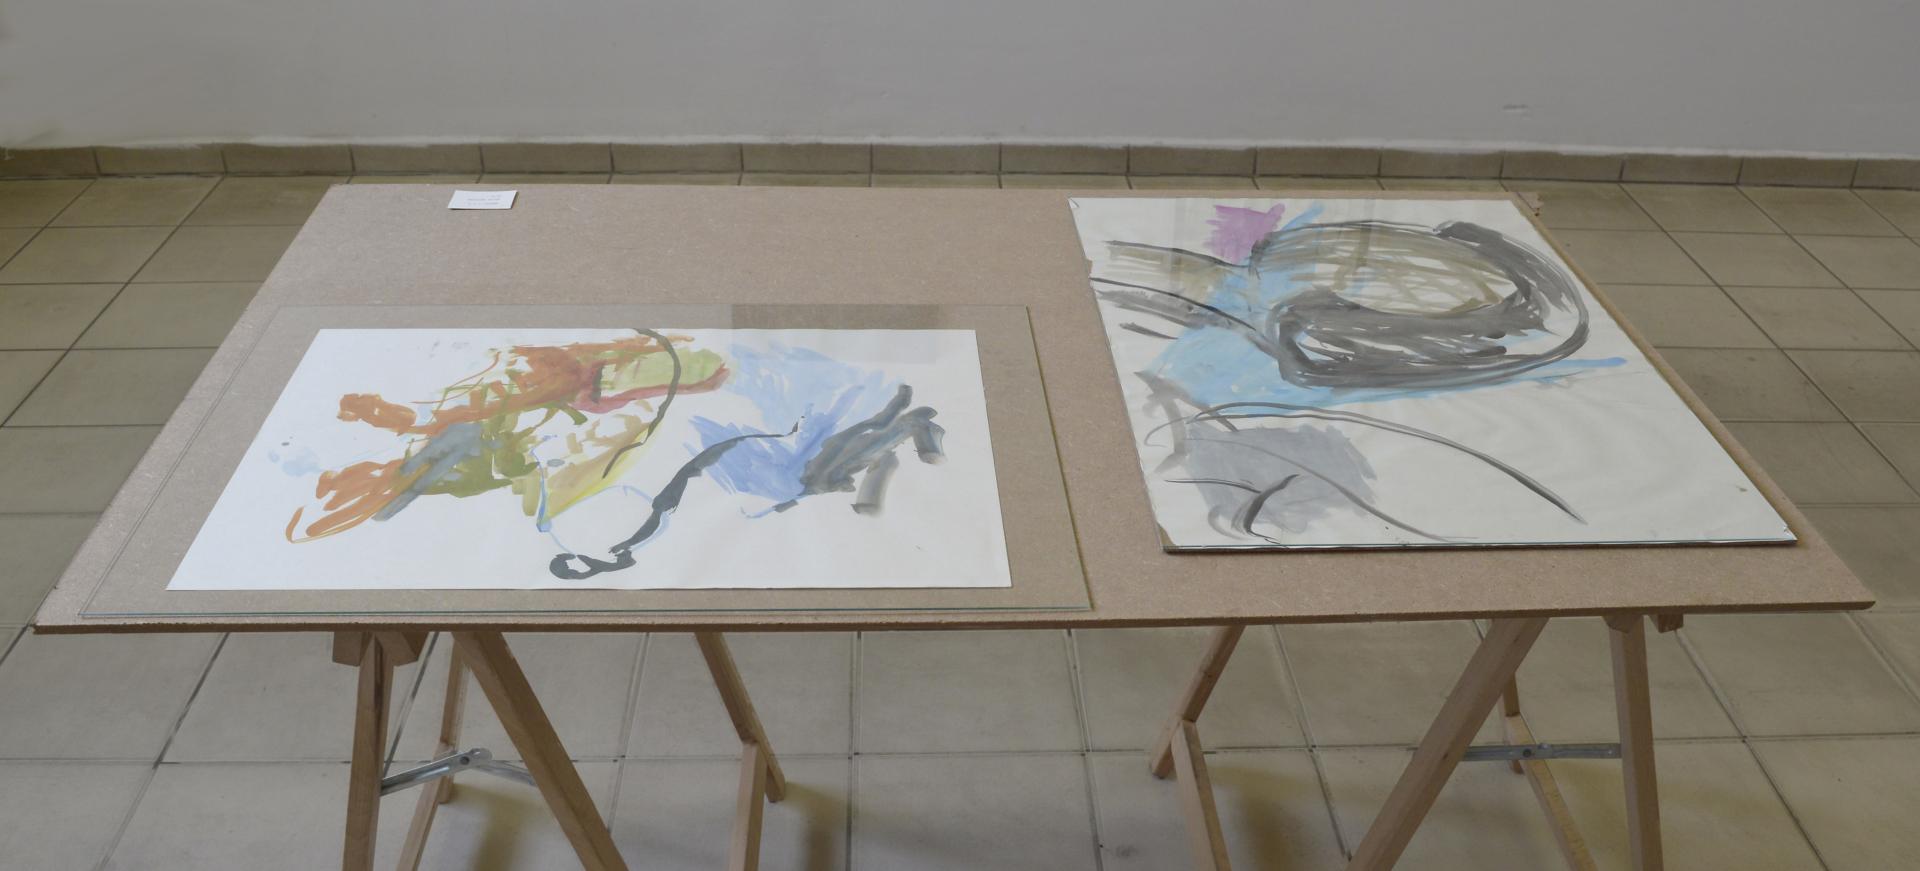 laboratorium haus 1 Heiko Wennesz malerei2-koncolor